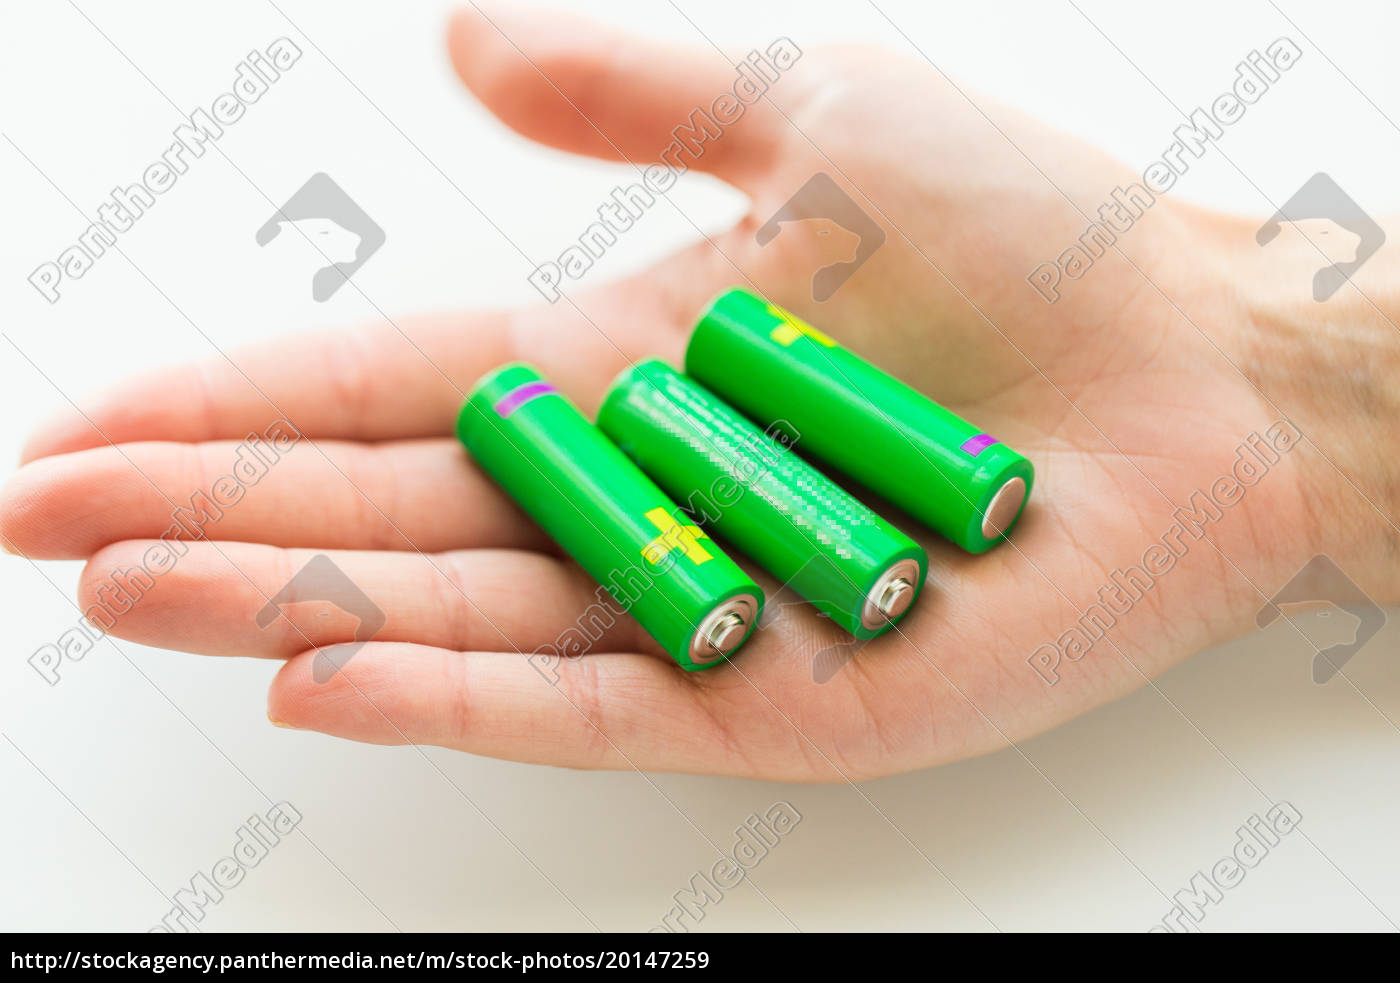 zamknij, się, z, rąk, trzymając, zielone - 20147259